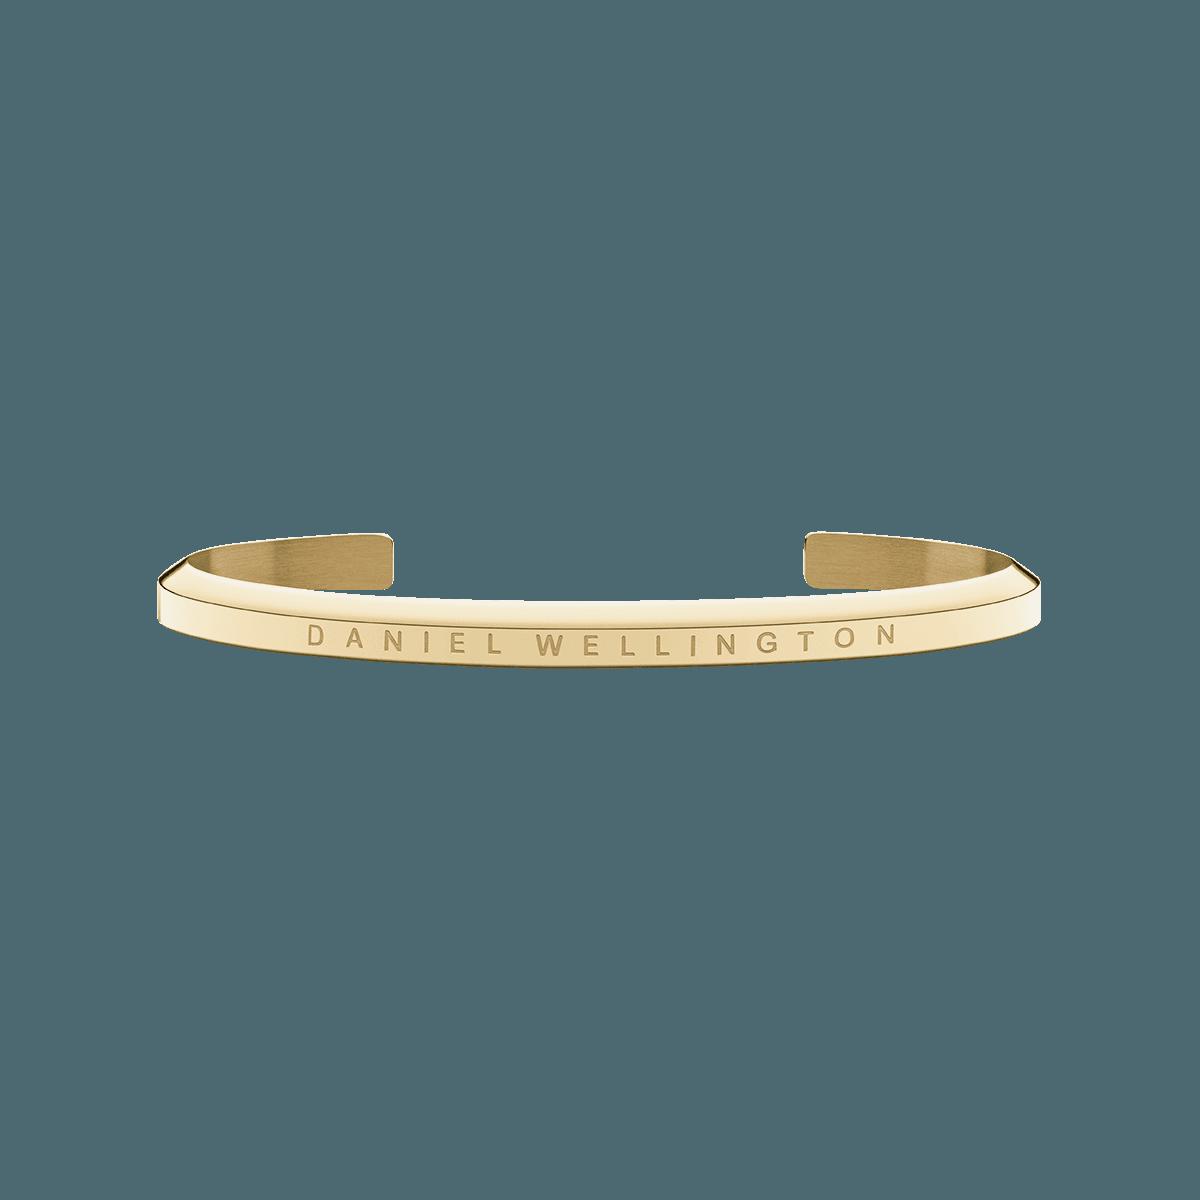 dw官网 dw手表官网 dw中国官网 dw官方旗舰店 DW DW官网  Classic Bracelet G S